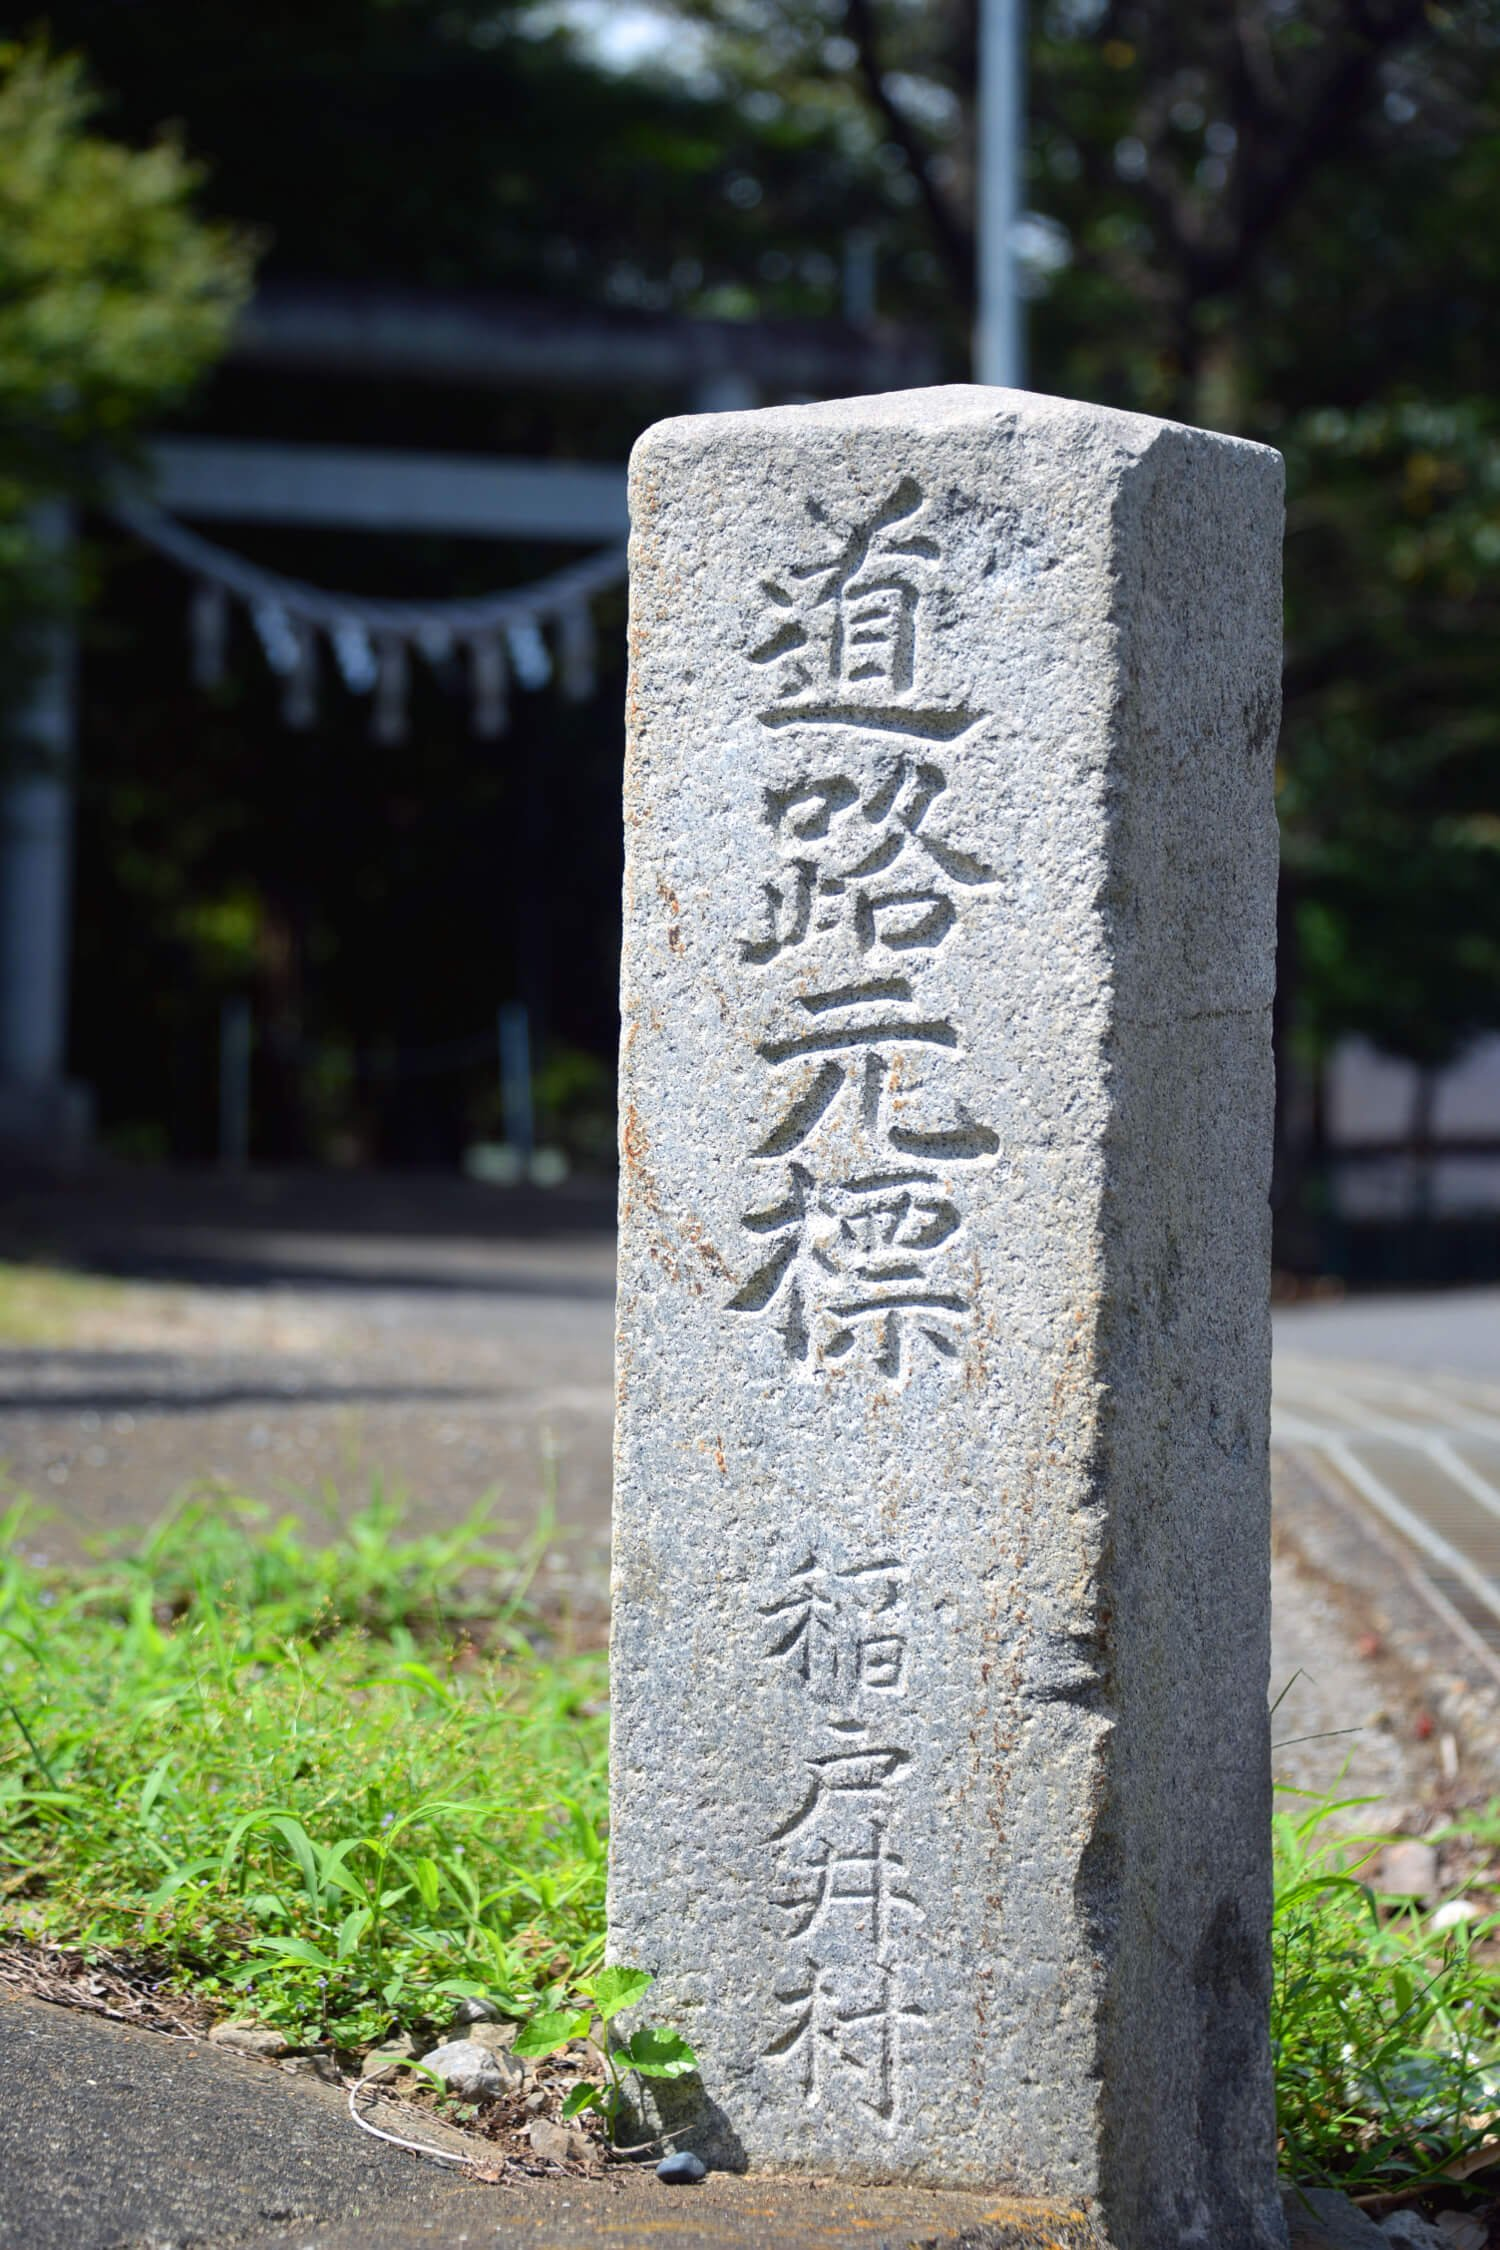 下部に村名が刻まれた、変わったデザインの道路元標。役場跡に立つ。